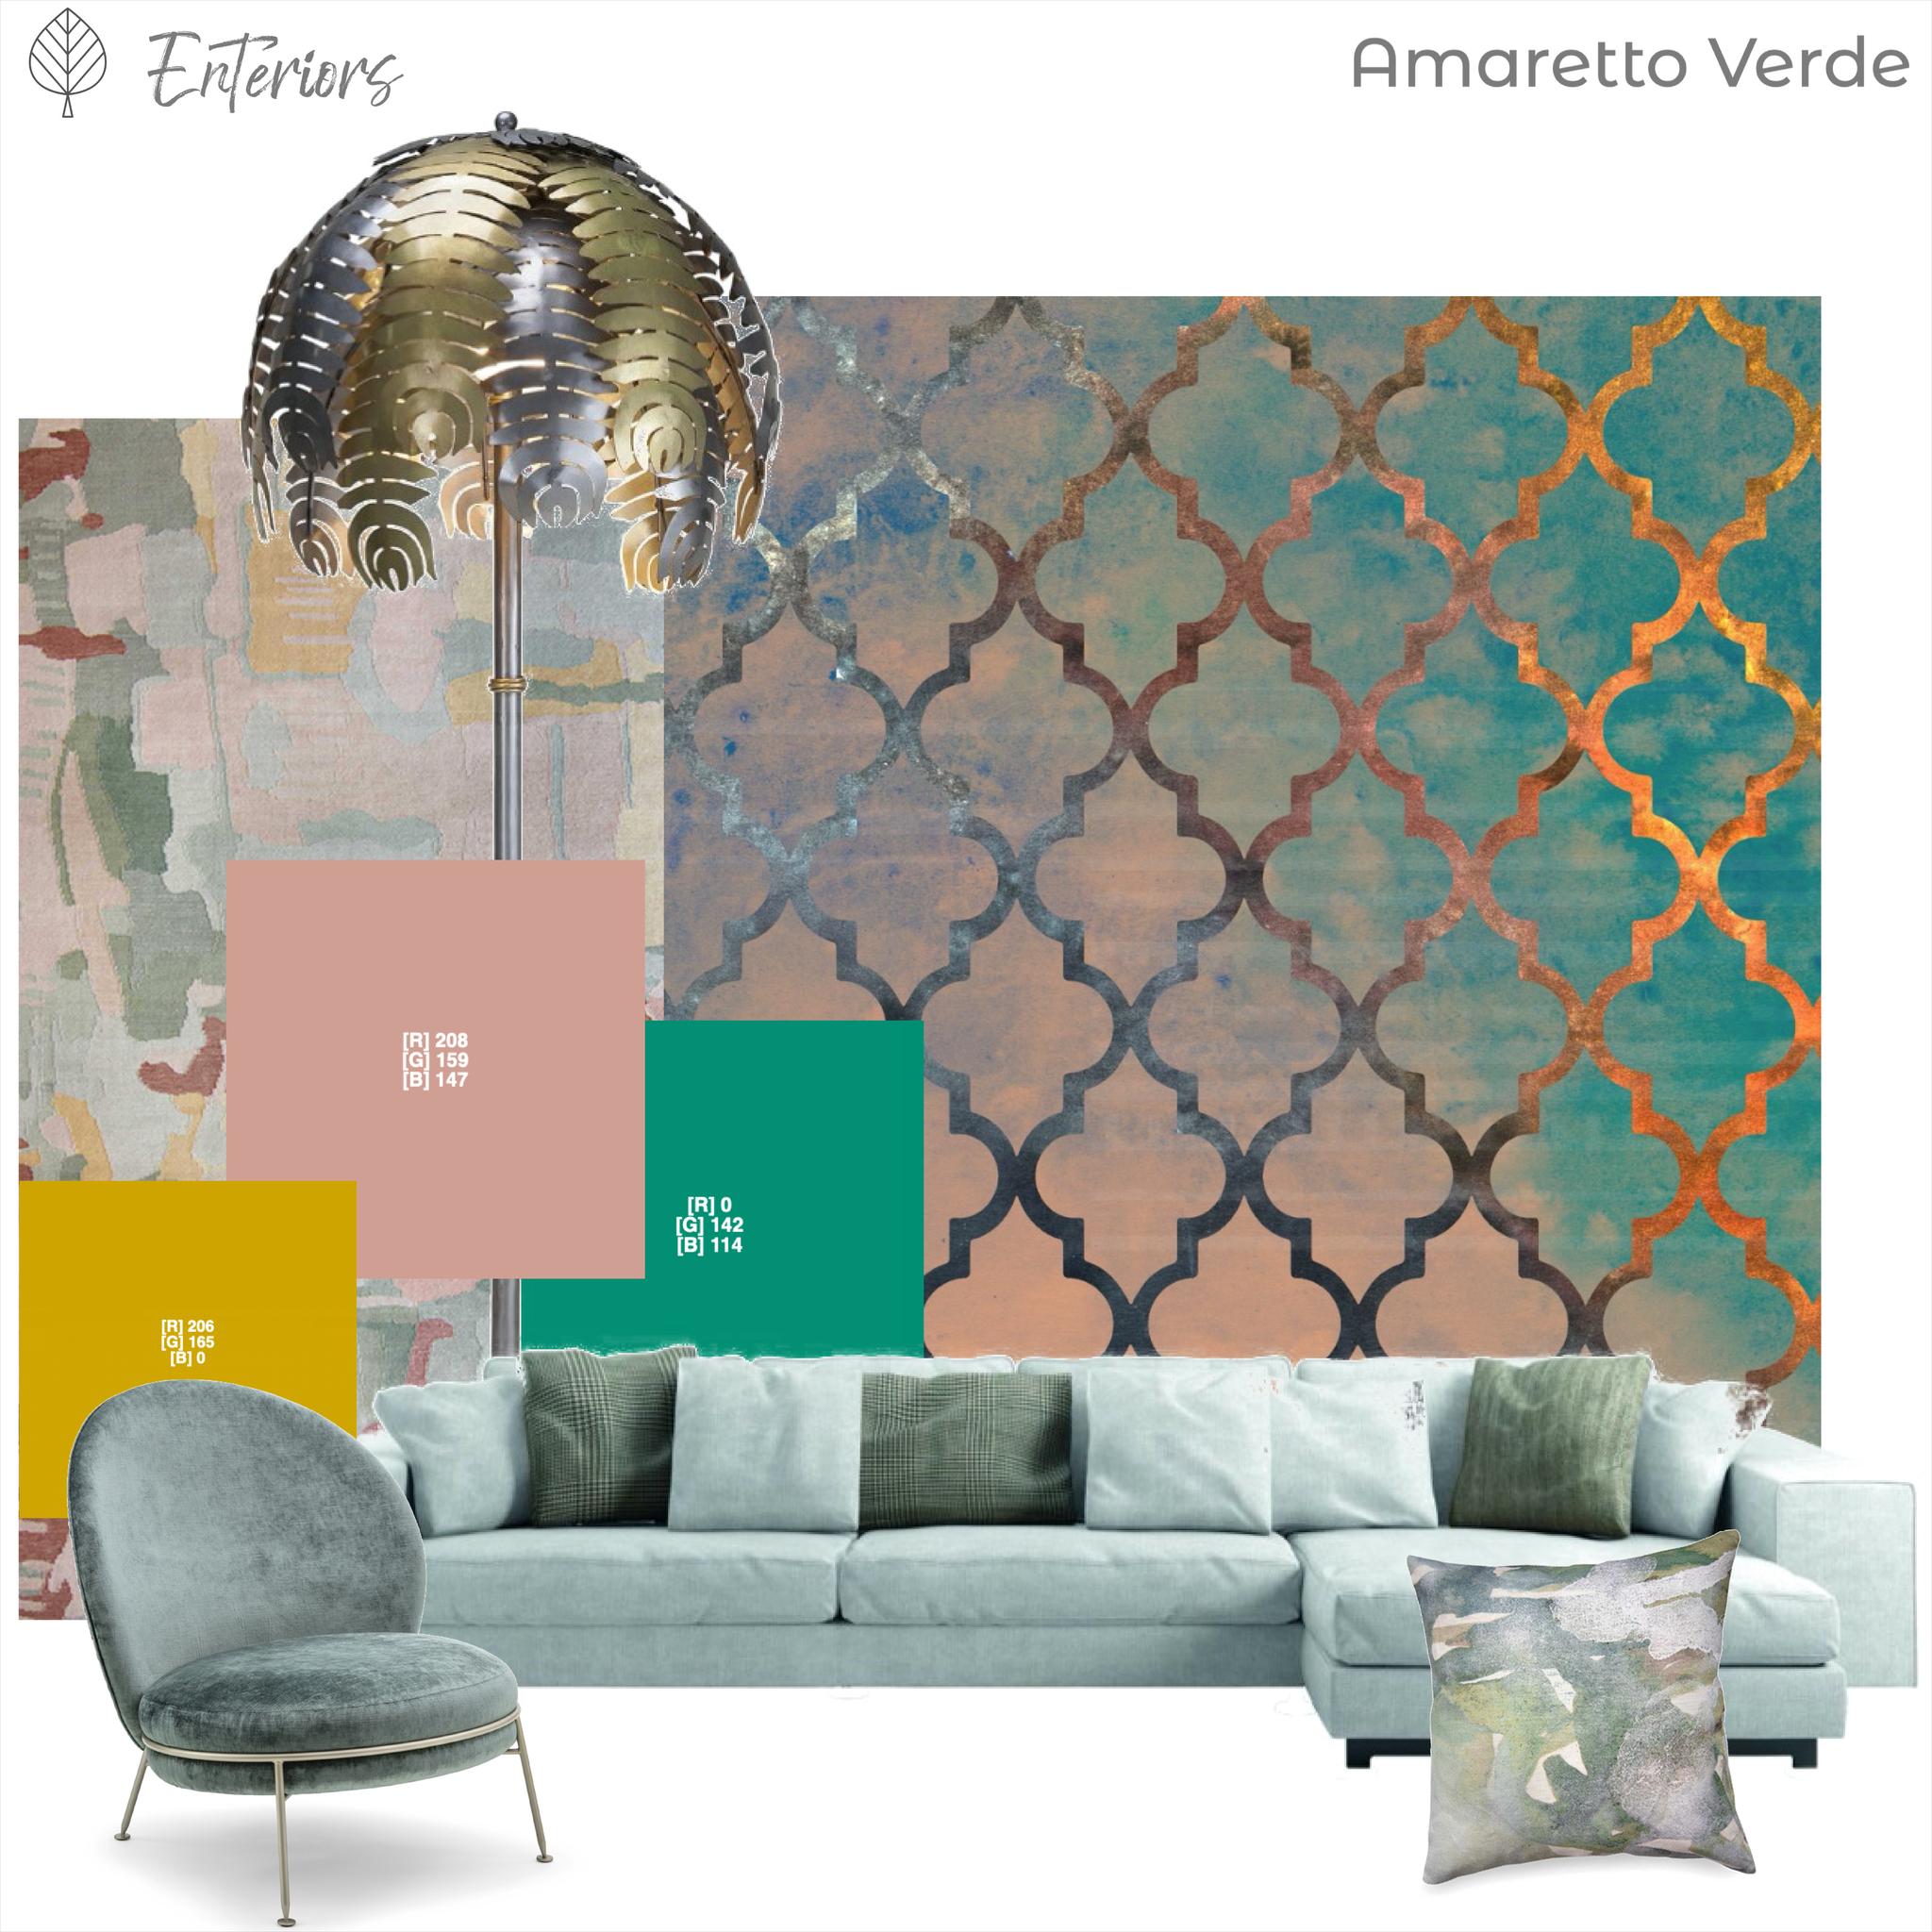 Style Board – Amaretto Verde